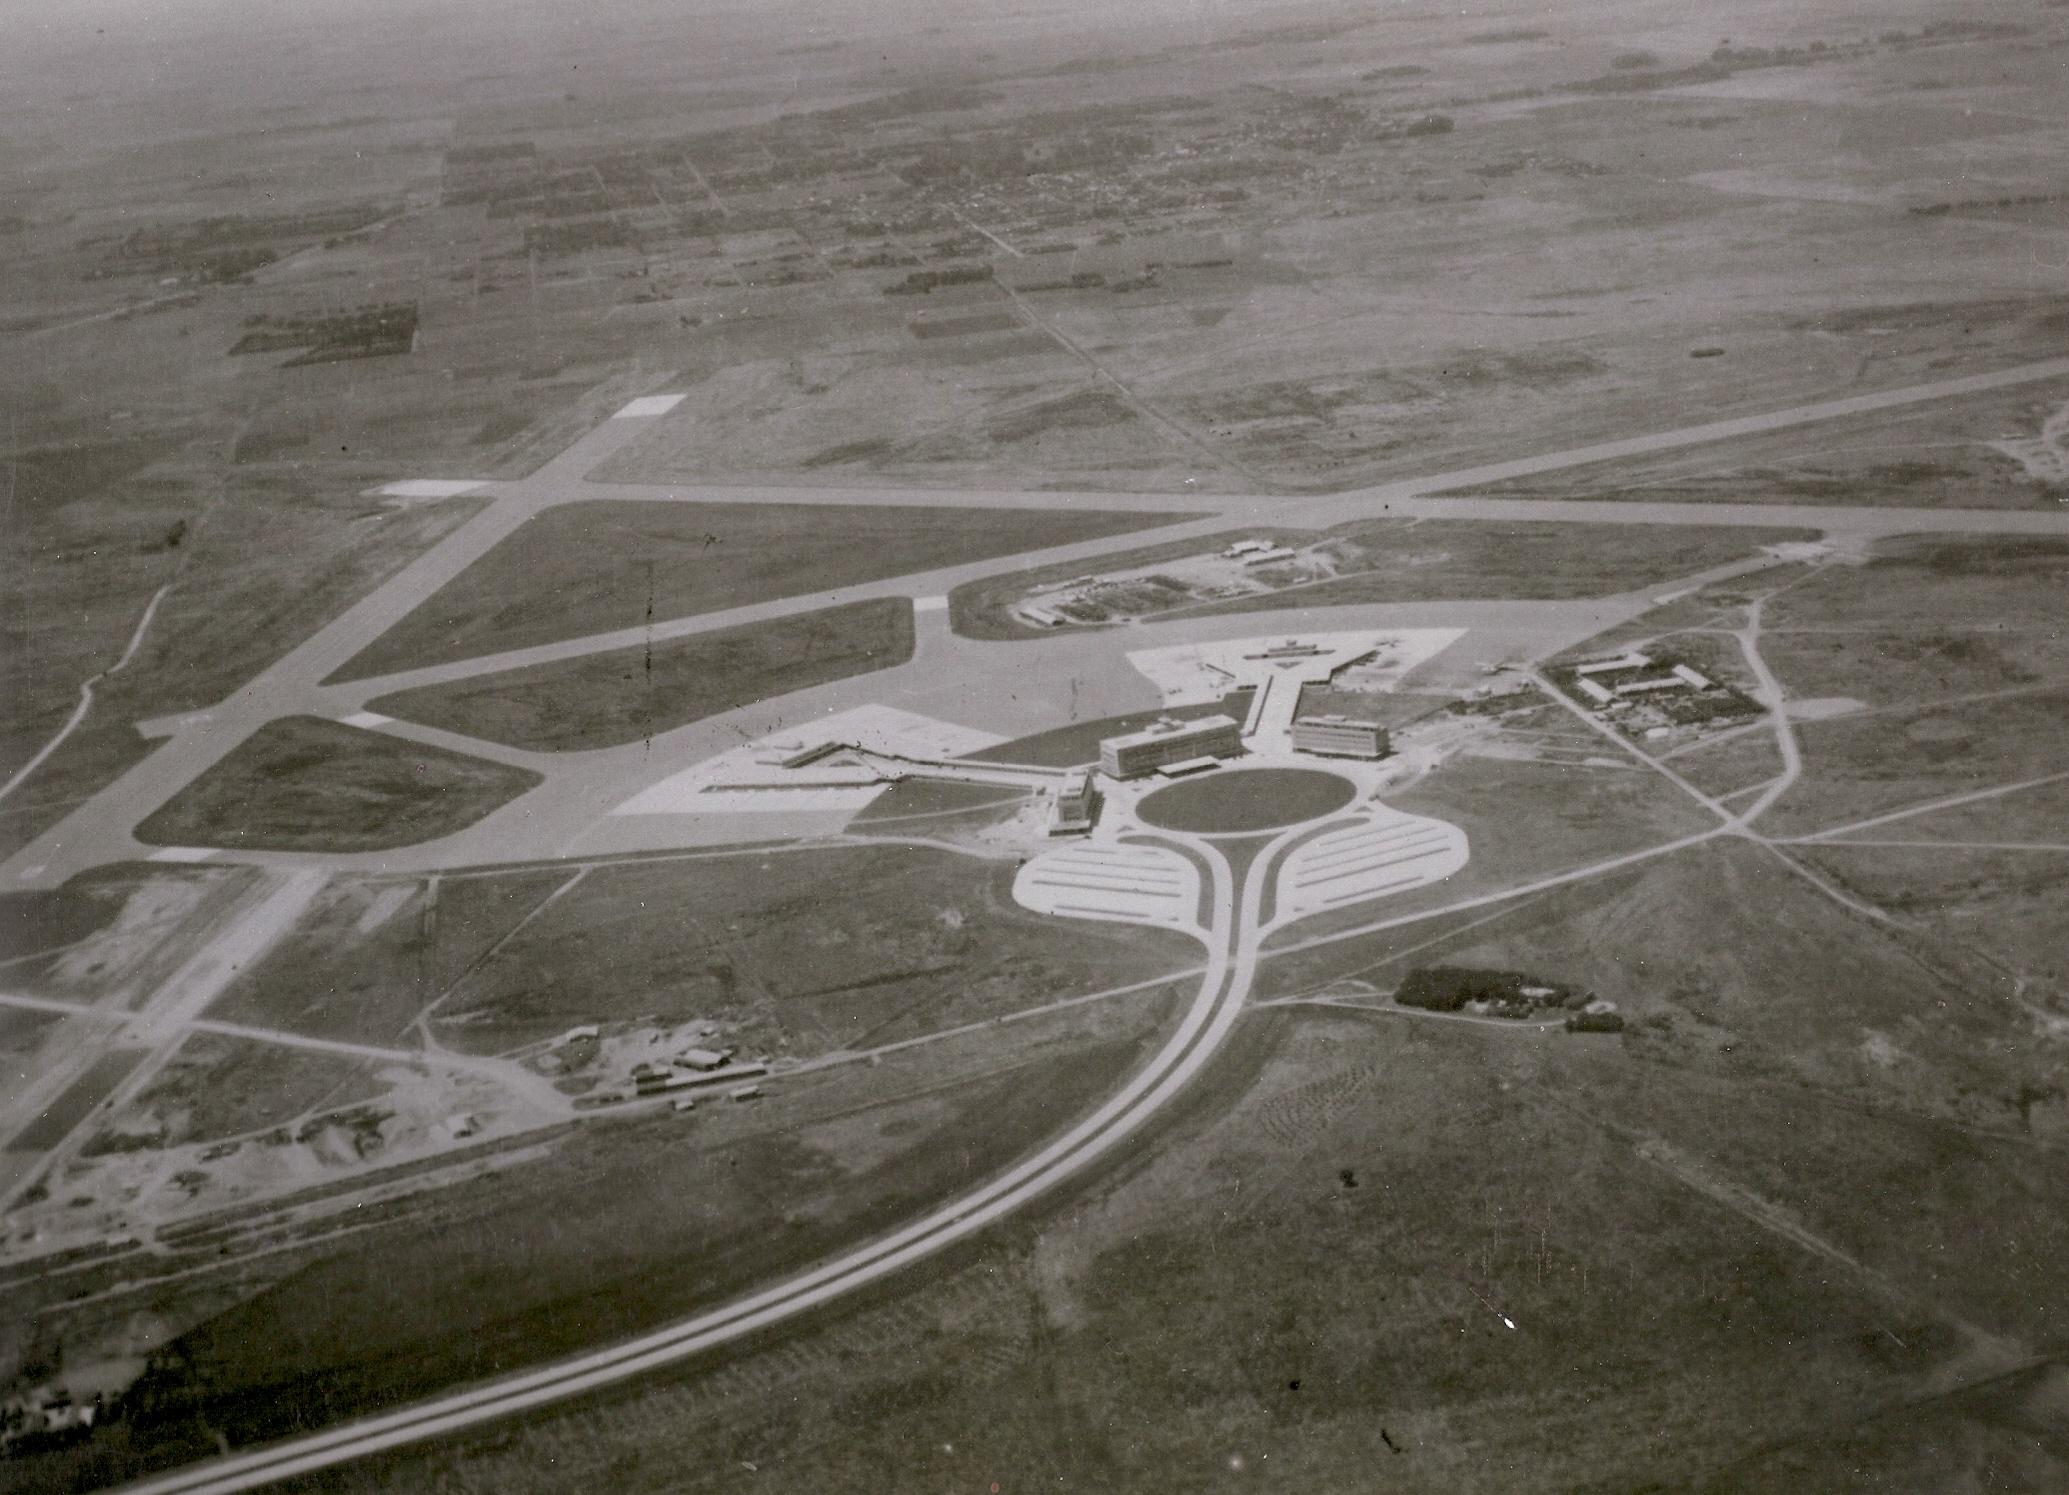 Ezeiza en el momento de su inauguración, en 1949. Se ven las tres pistas que se construyeron entonces y que luego fueron alargadas, los tres edificios principales, los dos espigones y la llegada de la autopista. Los hangares y la vinculación con Los Chivatos se hicieron en la primera mitad de la década siguiente (foto Archivo General de la Nación).